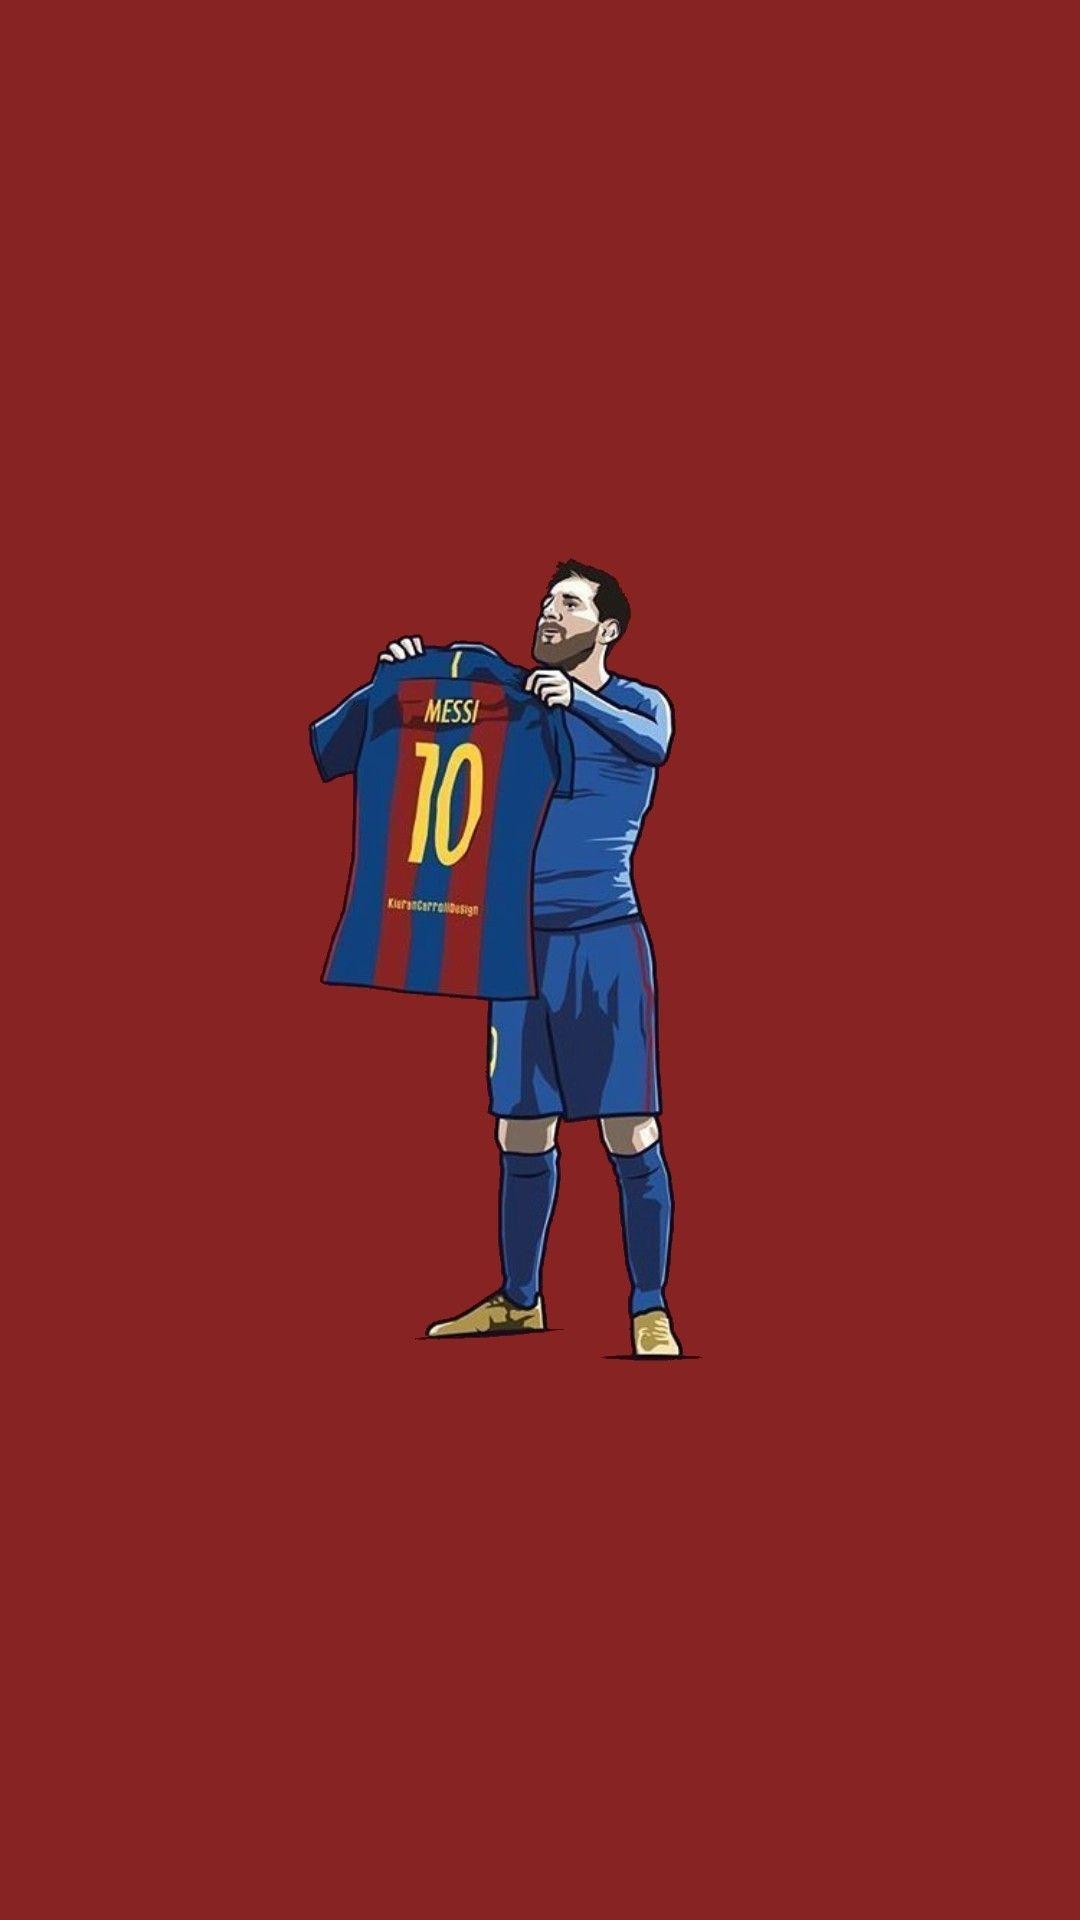 Messi Vs Real Madrid Wallpaper Jogadores De Futebol Desenho Futebol